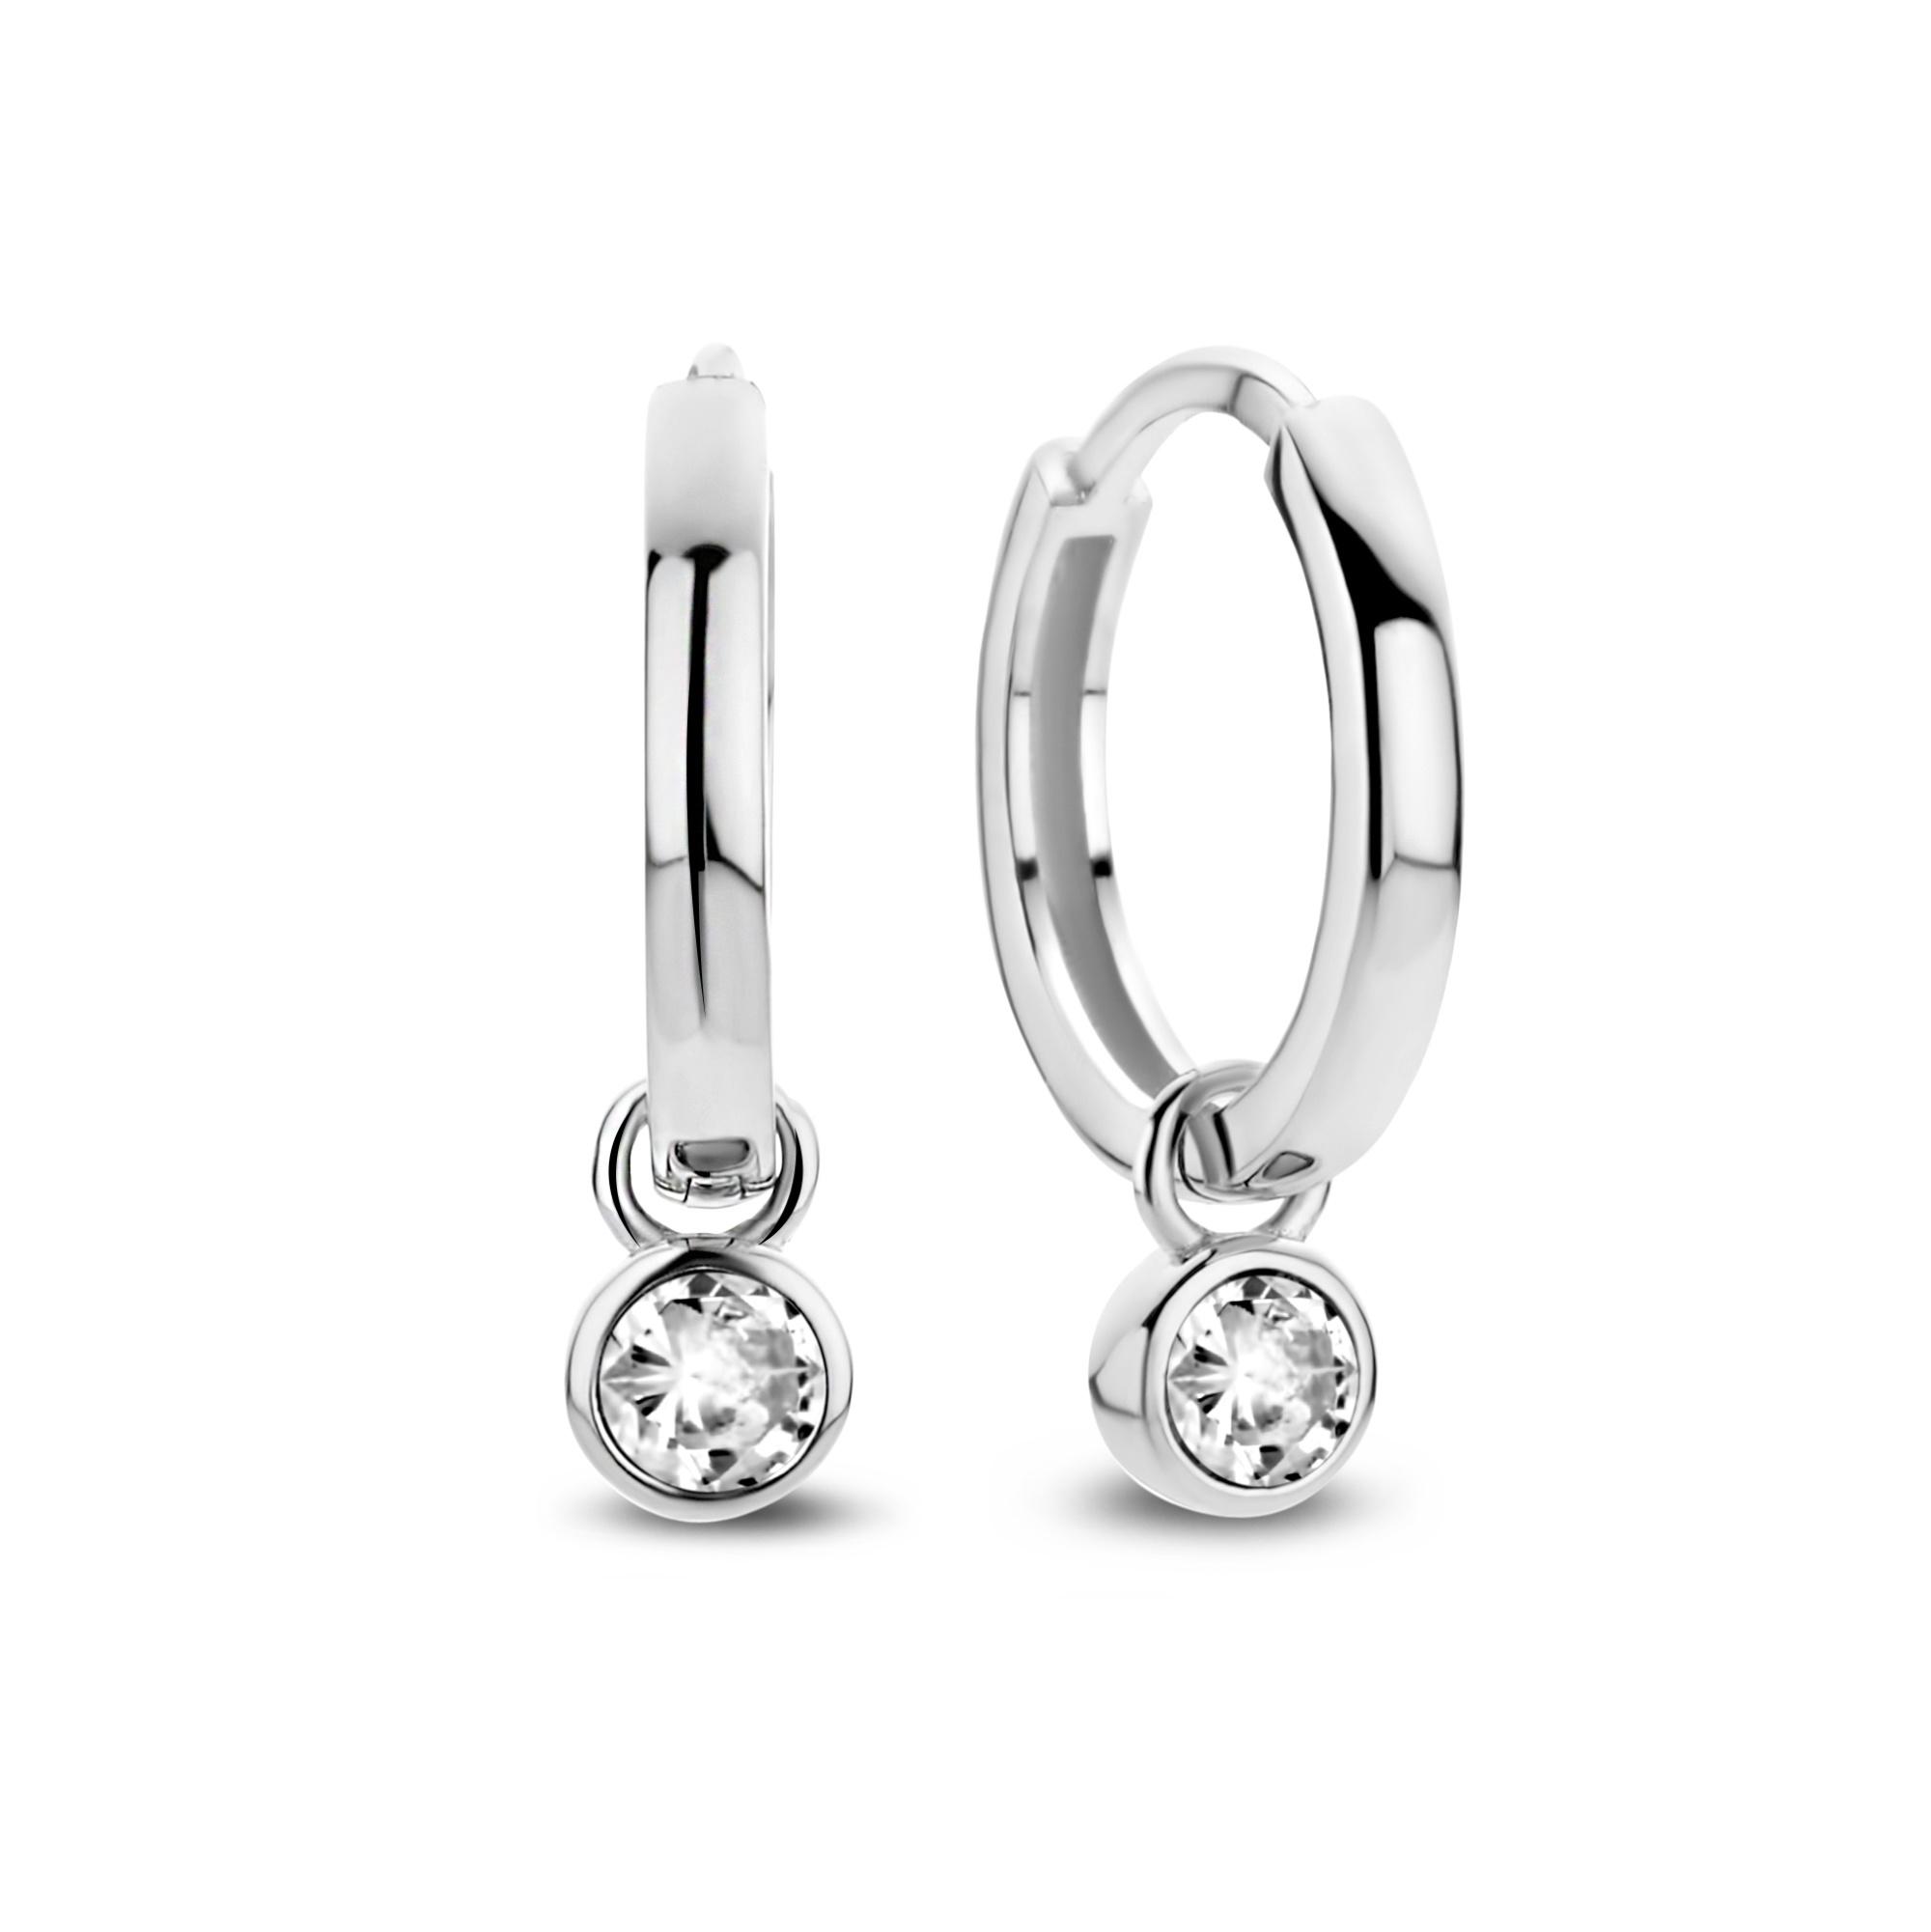 Violet Hamden Venus 925 sterling silver hoop earrings with birthstone